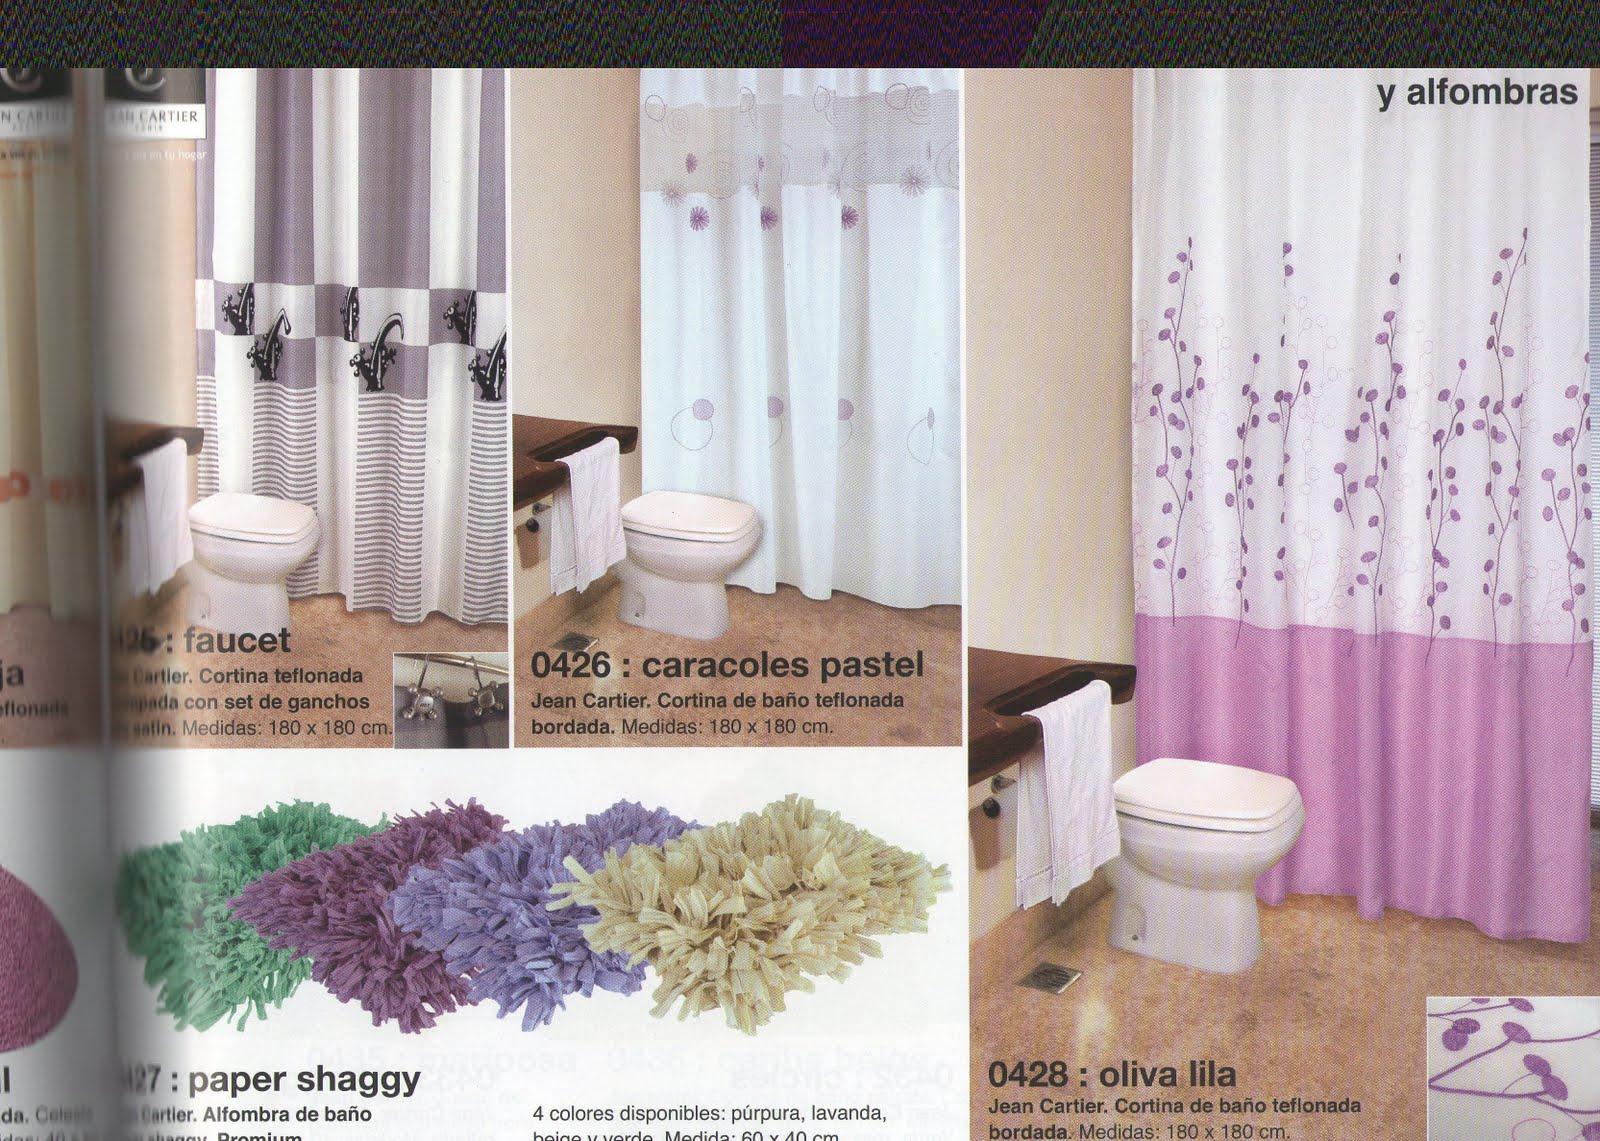 Jean cartier temporada oto o invierno 2011 accesorios for Accesorios para cortinas de bano